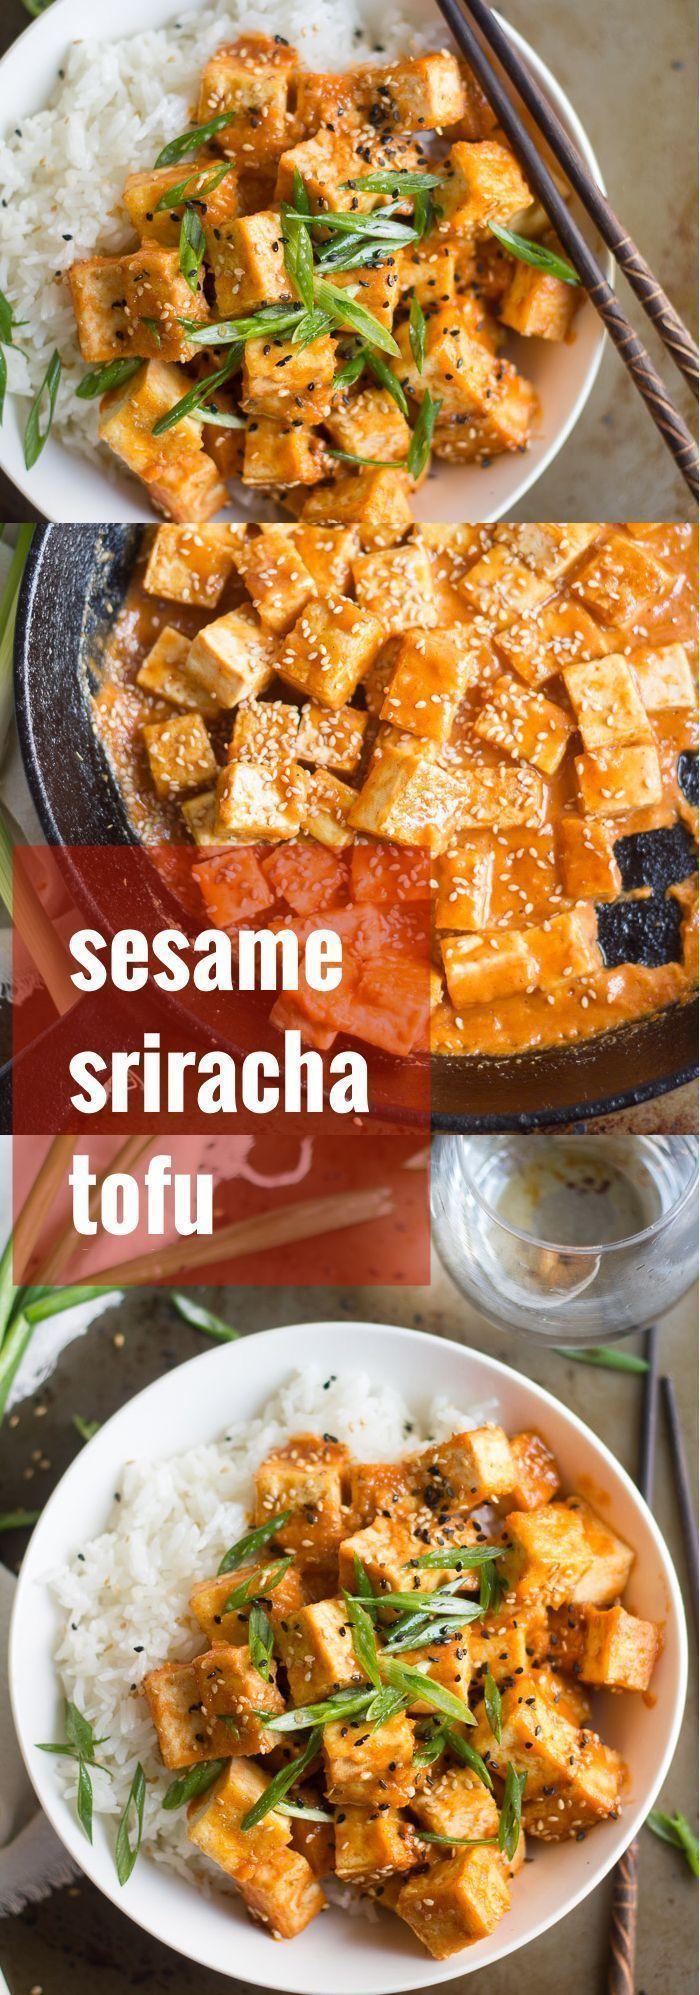 Photo of Sesame Sriracha Tofu